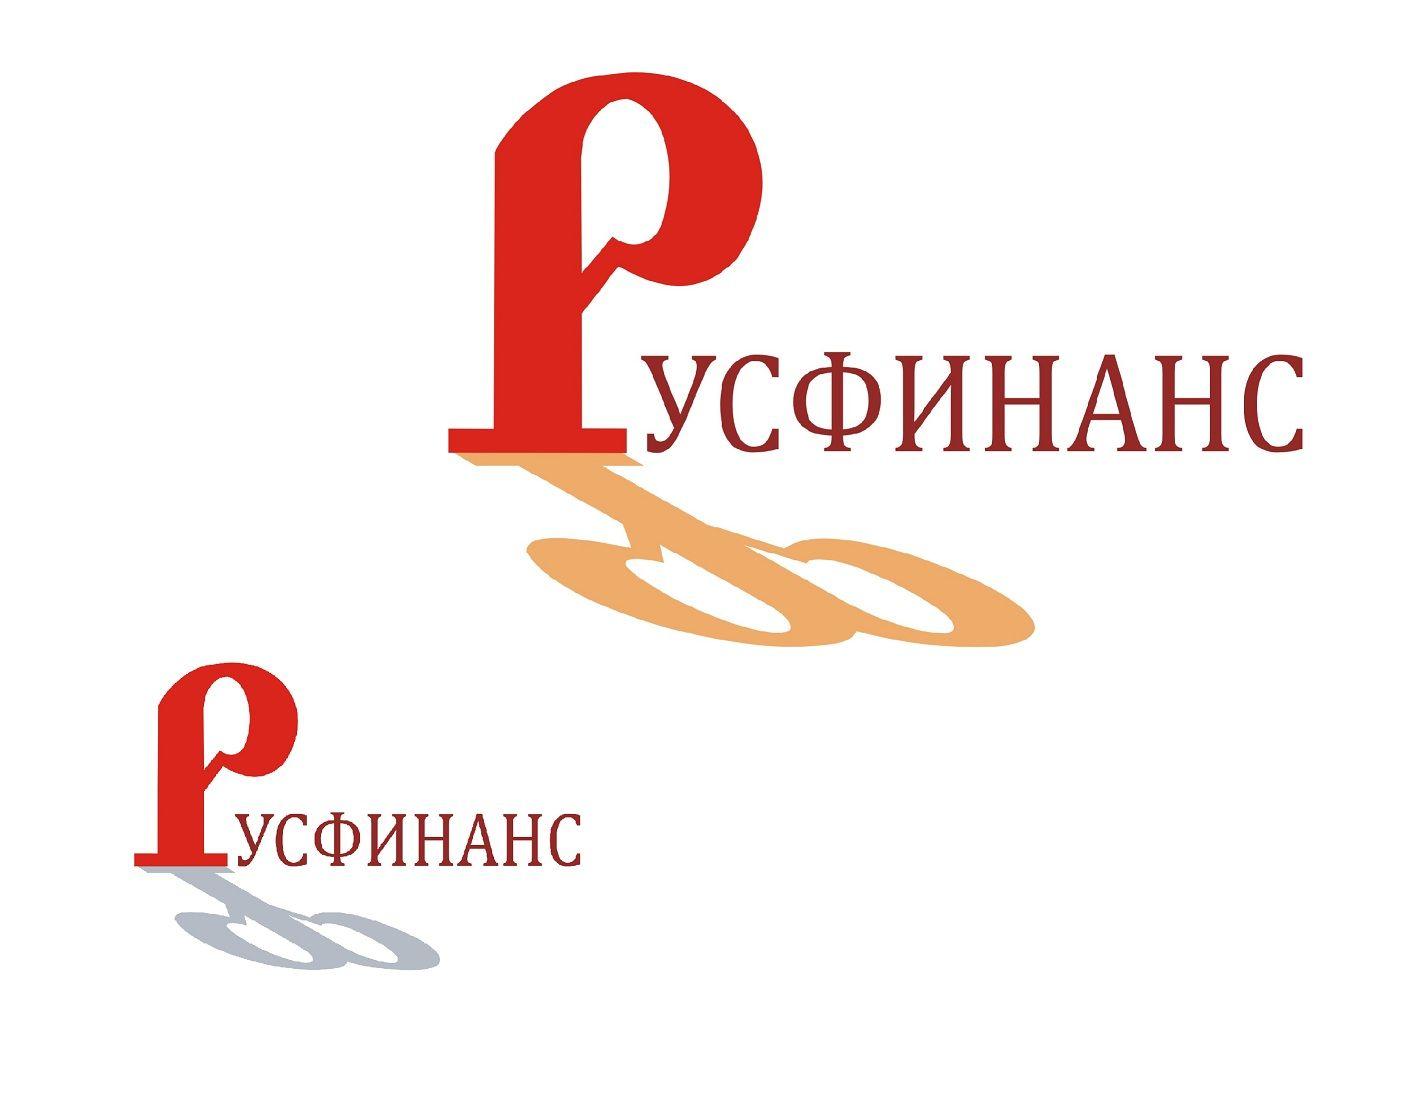 Логотип для Русфинанс - дизайнер Grim